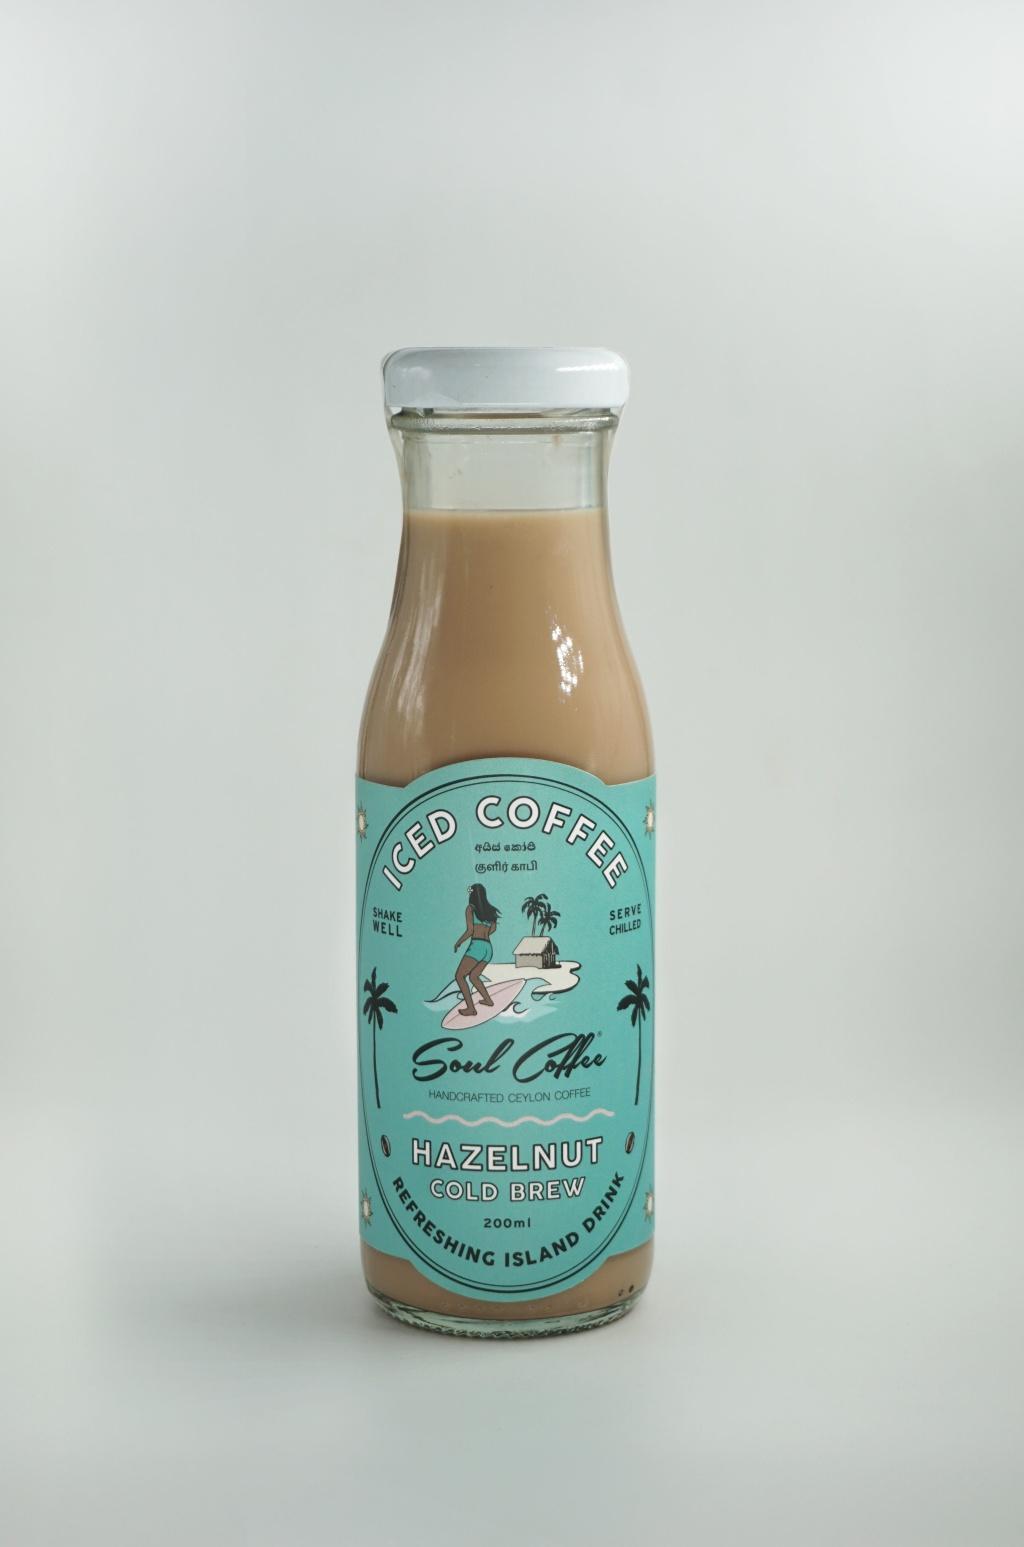 Soul Coffee Hazelnut Iced Coffee 200ml